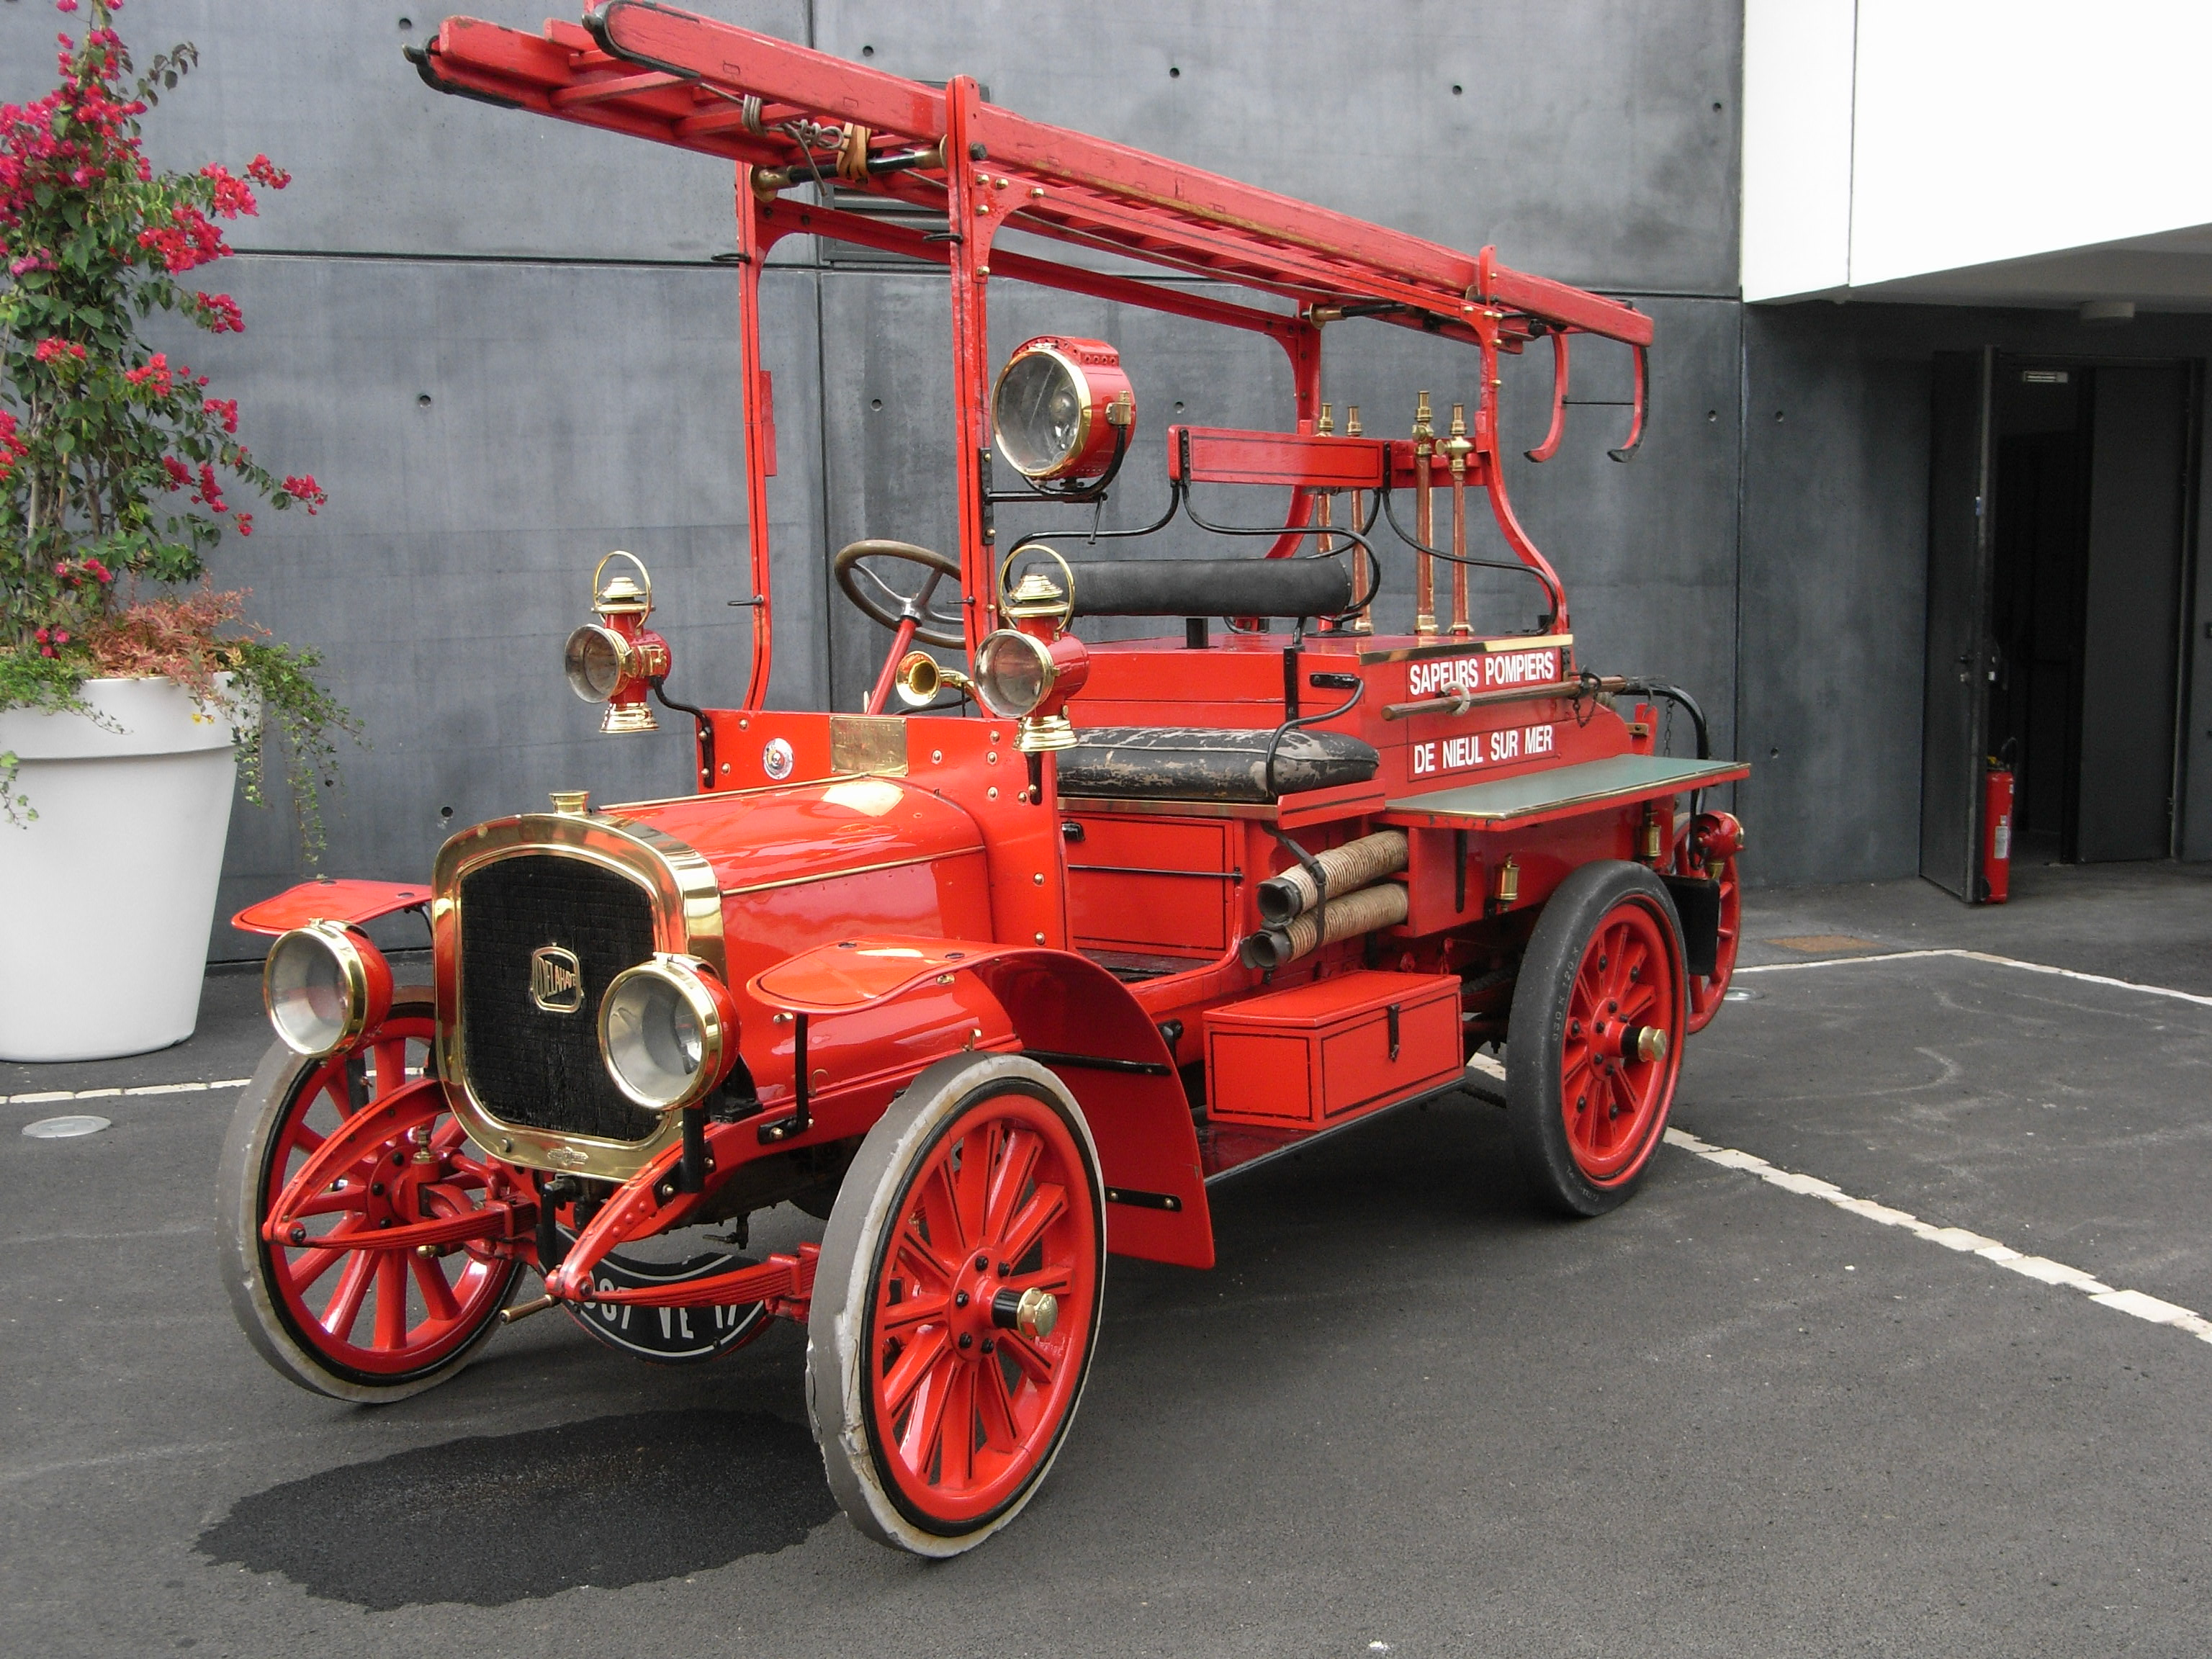 заказ картинка старинных пожарных машин два года взрослой